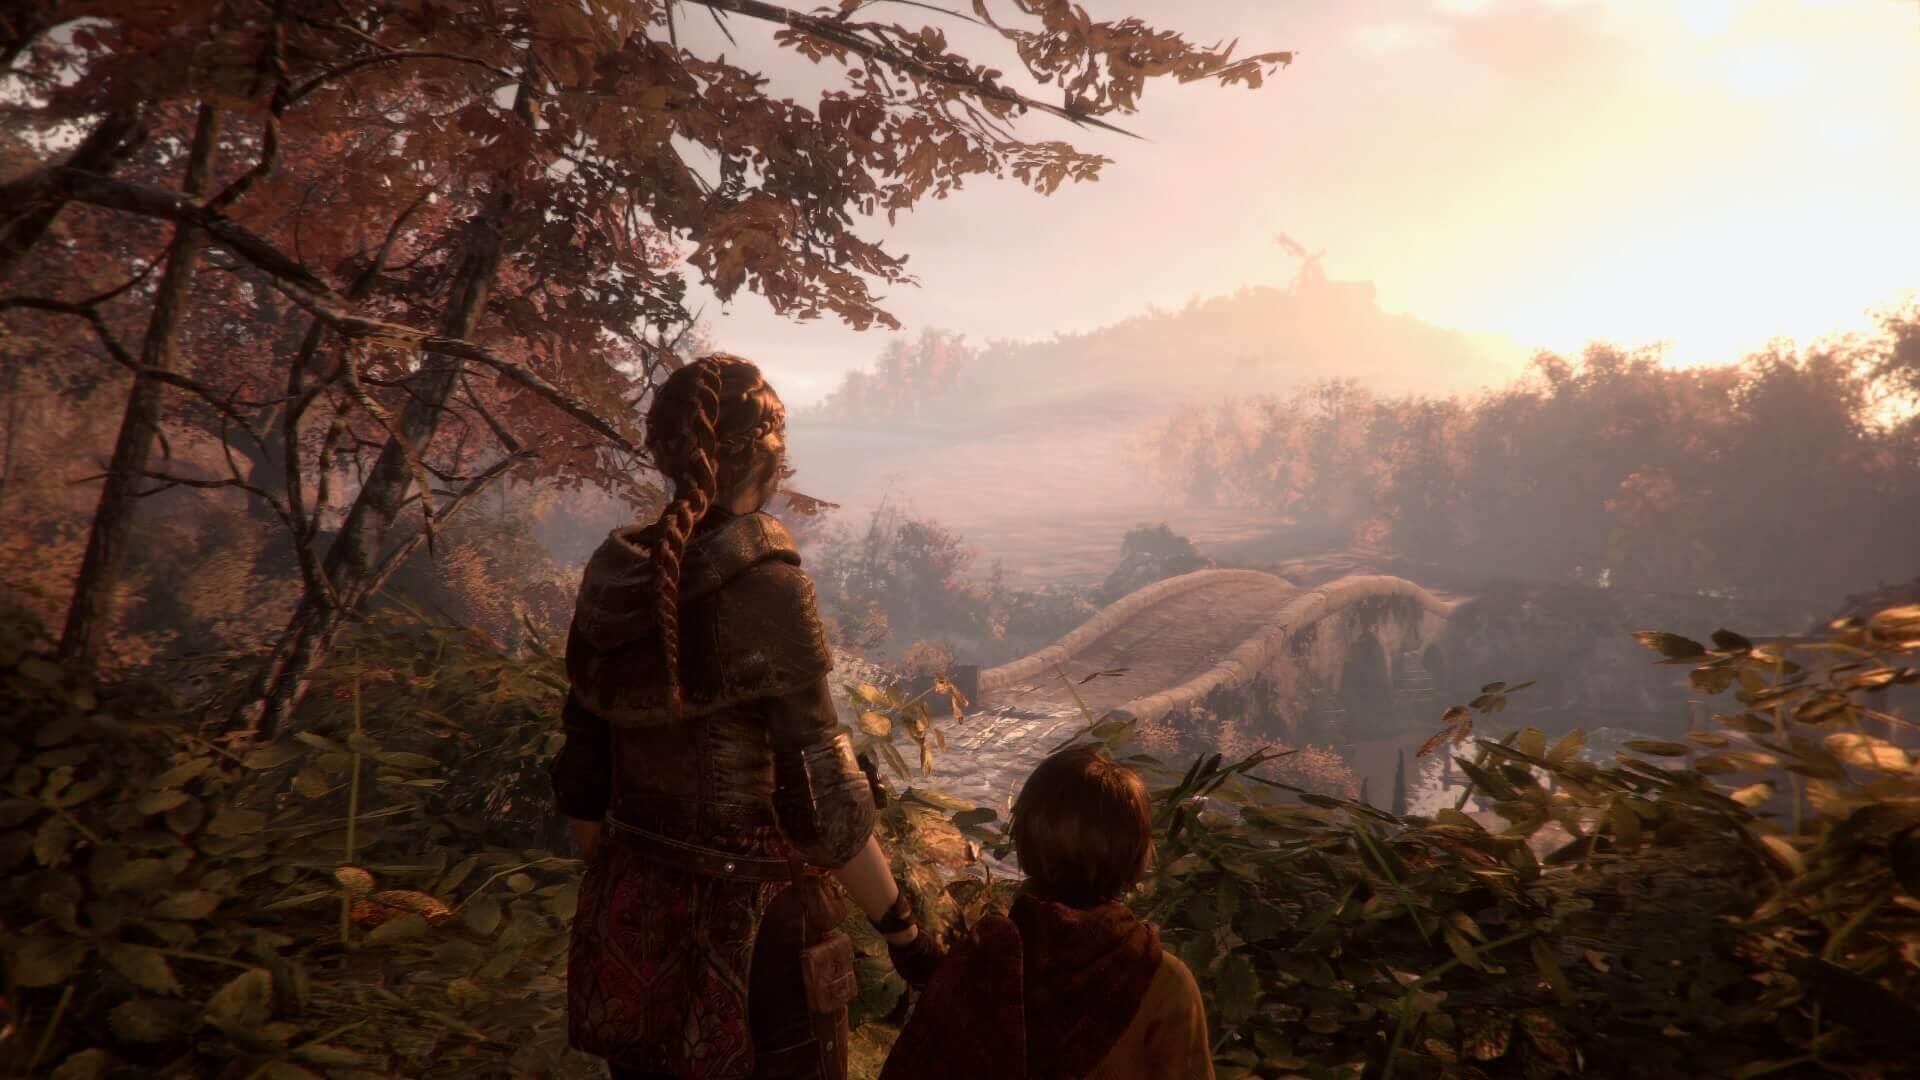 Análise A Plague Tale, A Plague Tale: Innocence, Asobo Studio, Focus Home Interactive